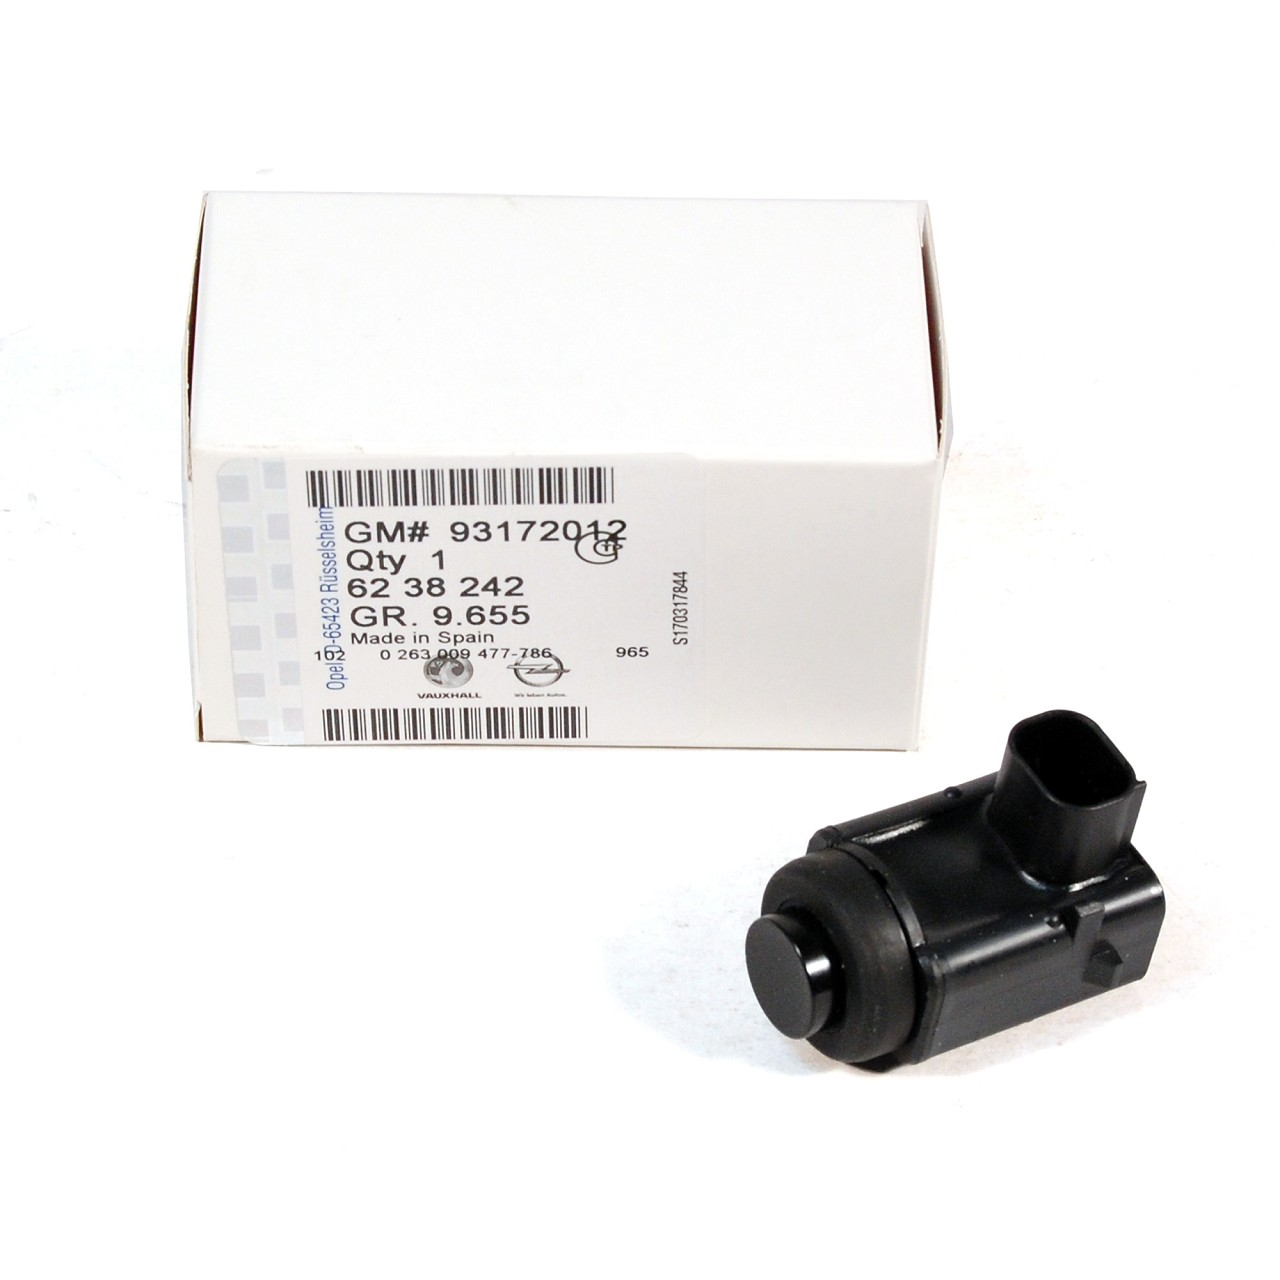 ORIGINAL GM Opel Sensor Einparkhilfe Einparksensor Rückfahrsensor 6238242